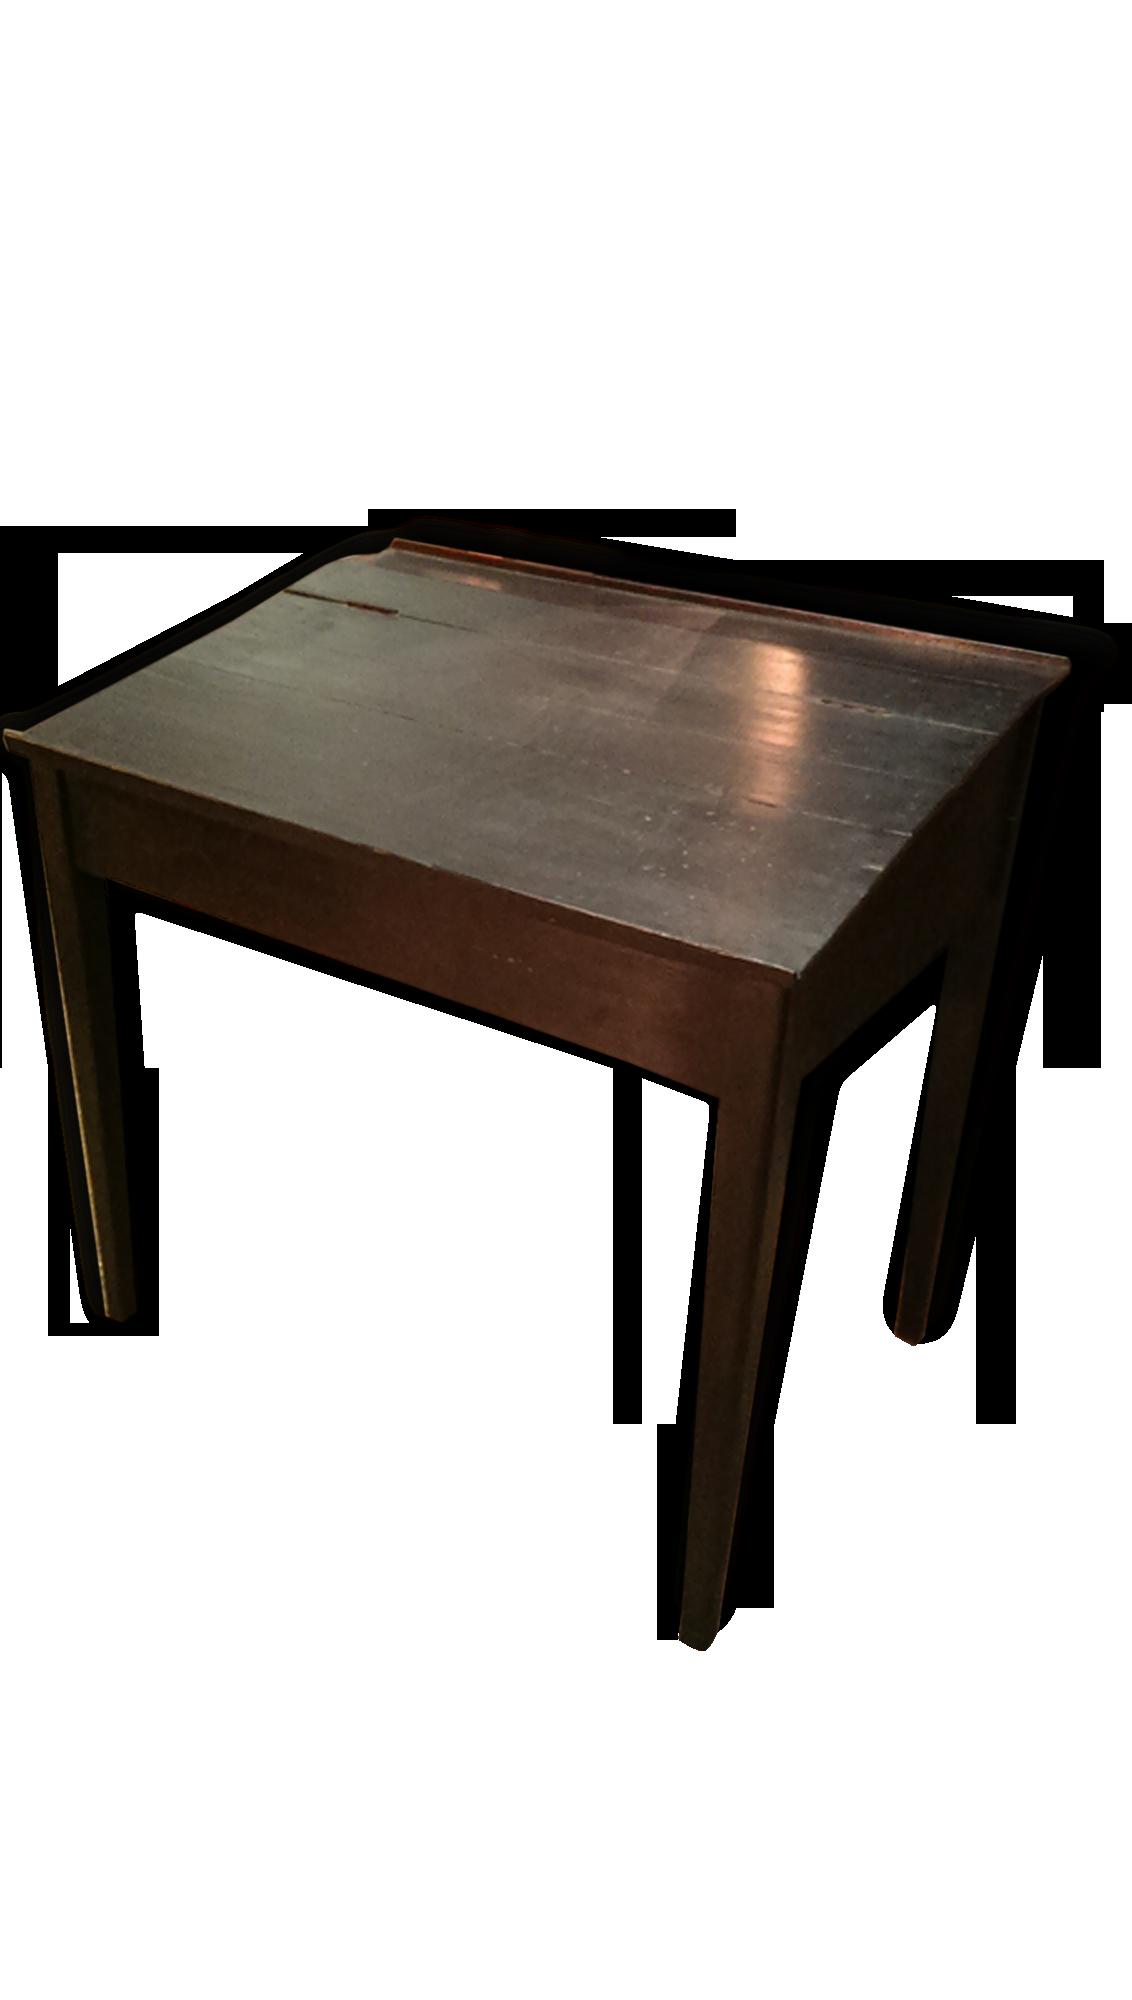 Bureau de pente bois noirci bois matériau noir classique